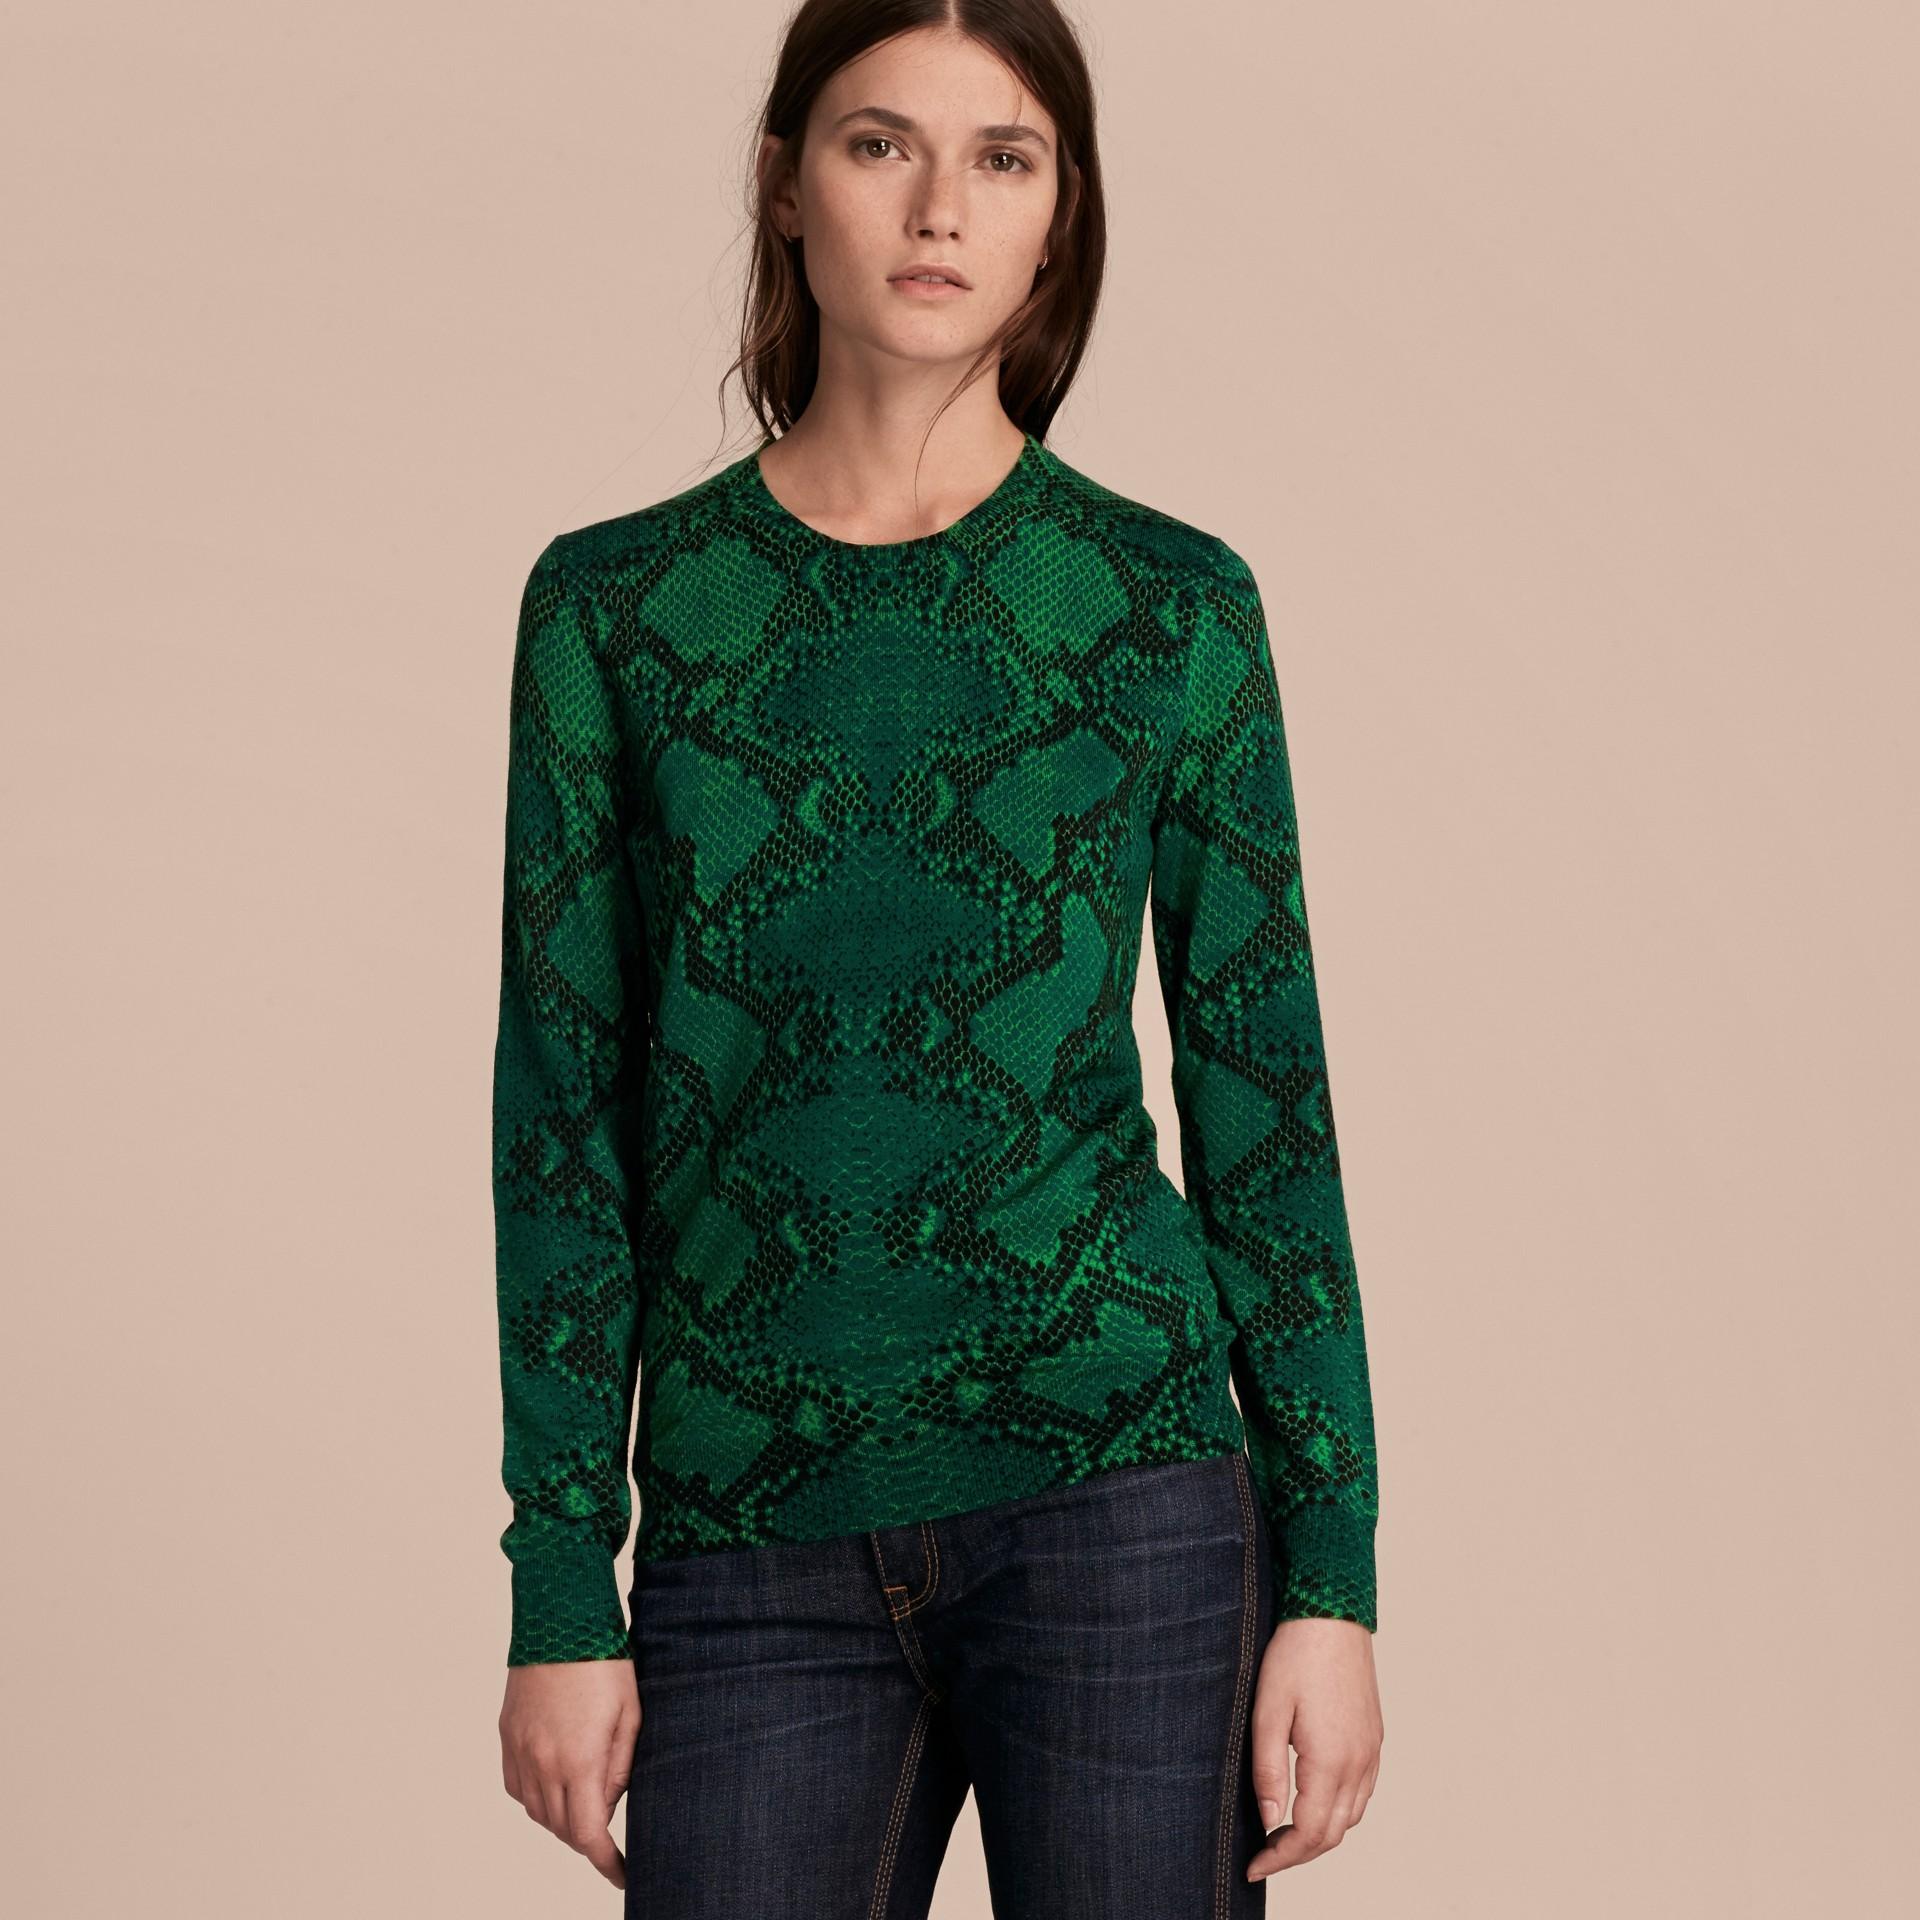 Verde pigmento Suéter de lã Merino com estampa de píton e detalhe xadrez Verde Pigmento - galeria de imagens 6